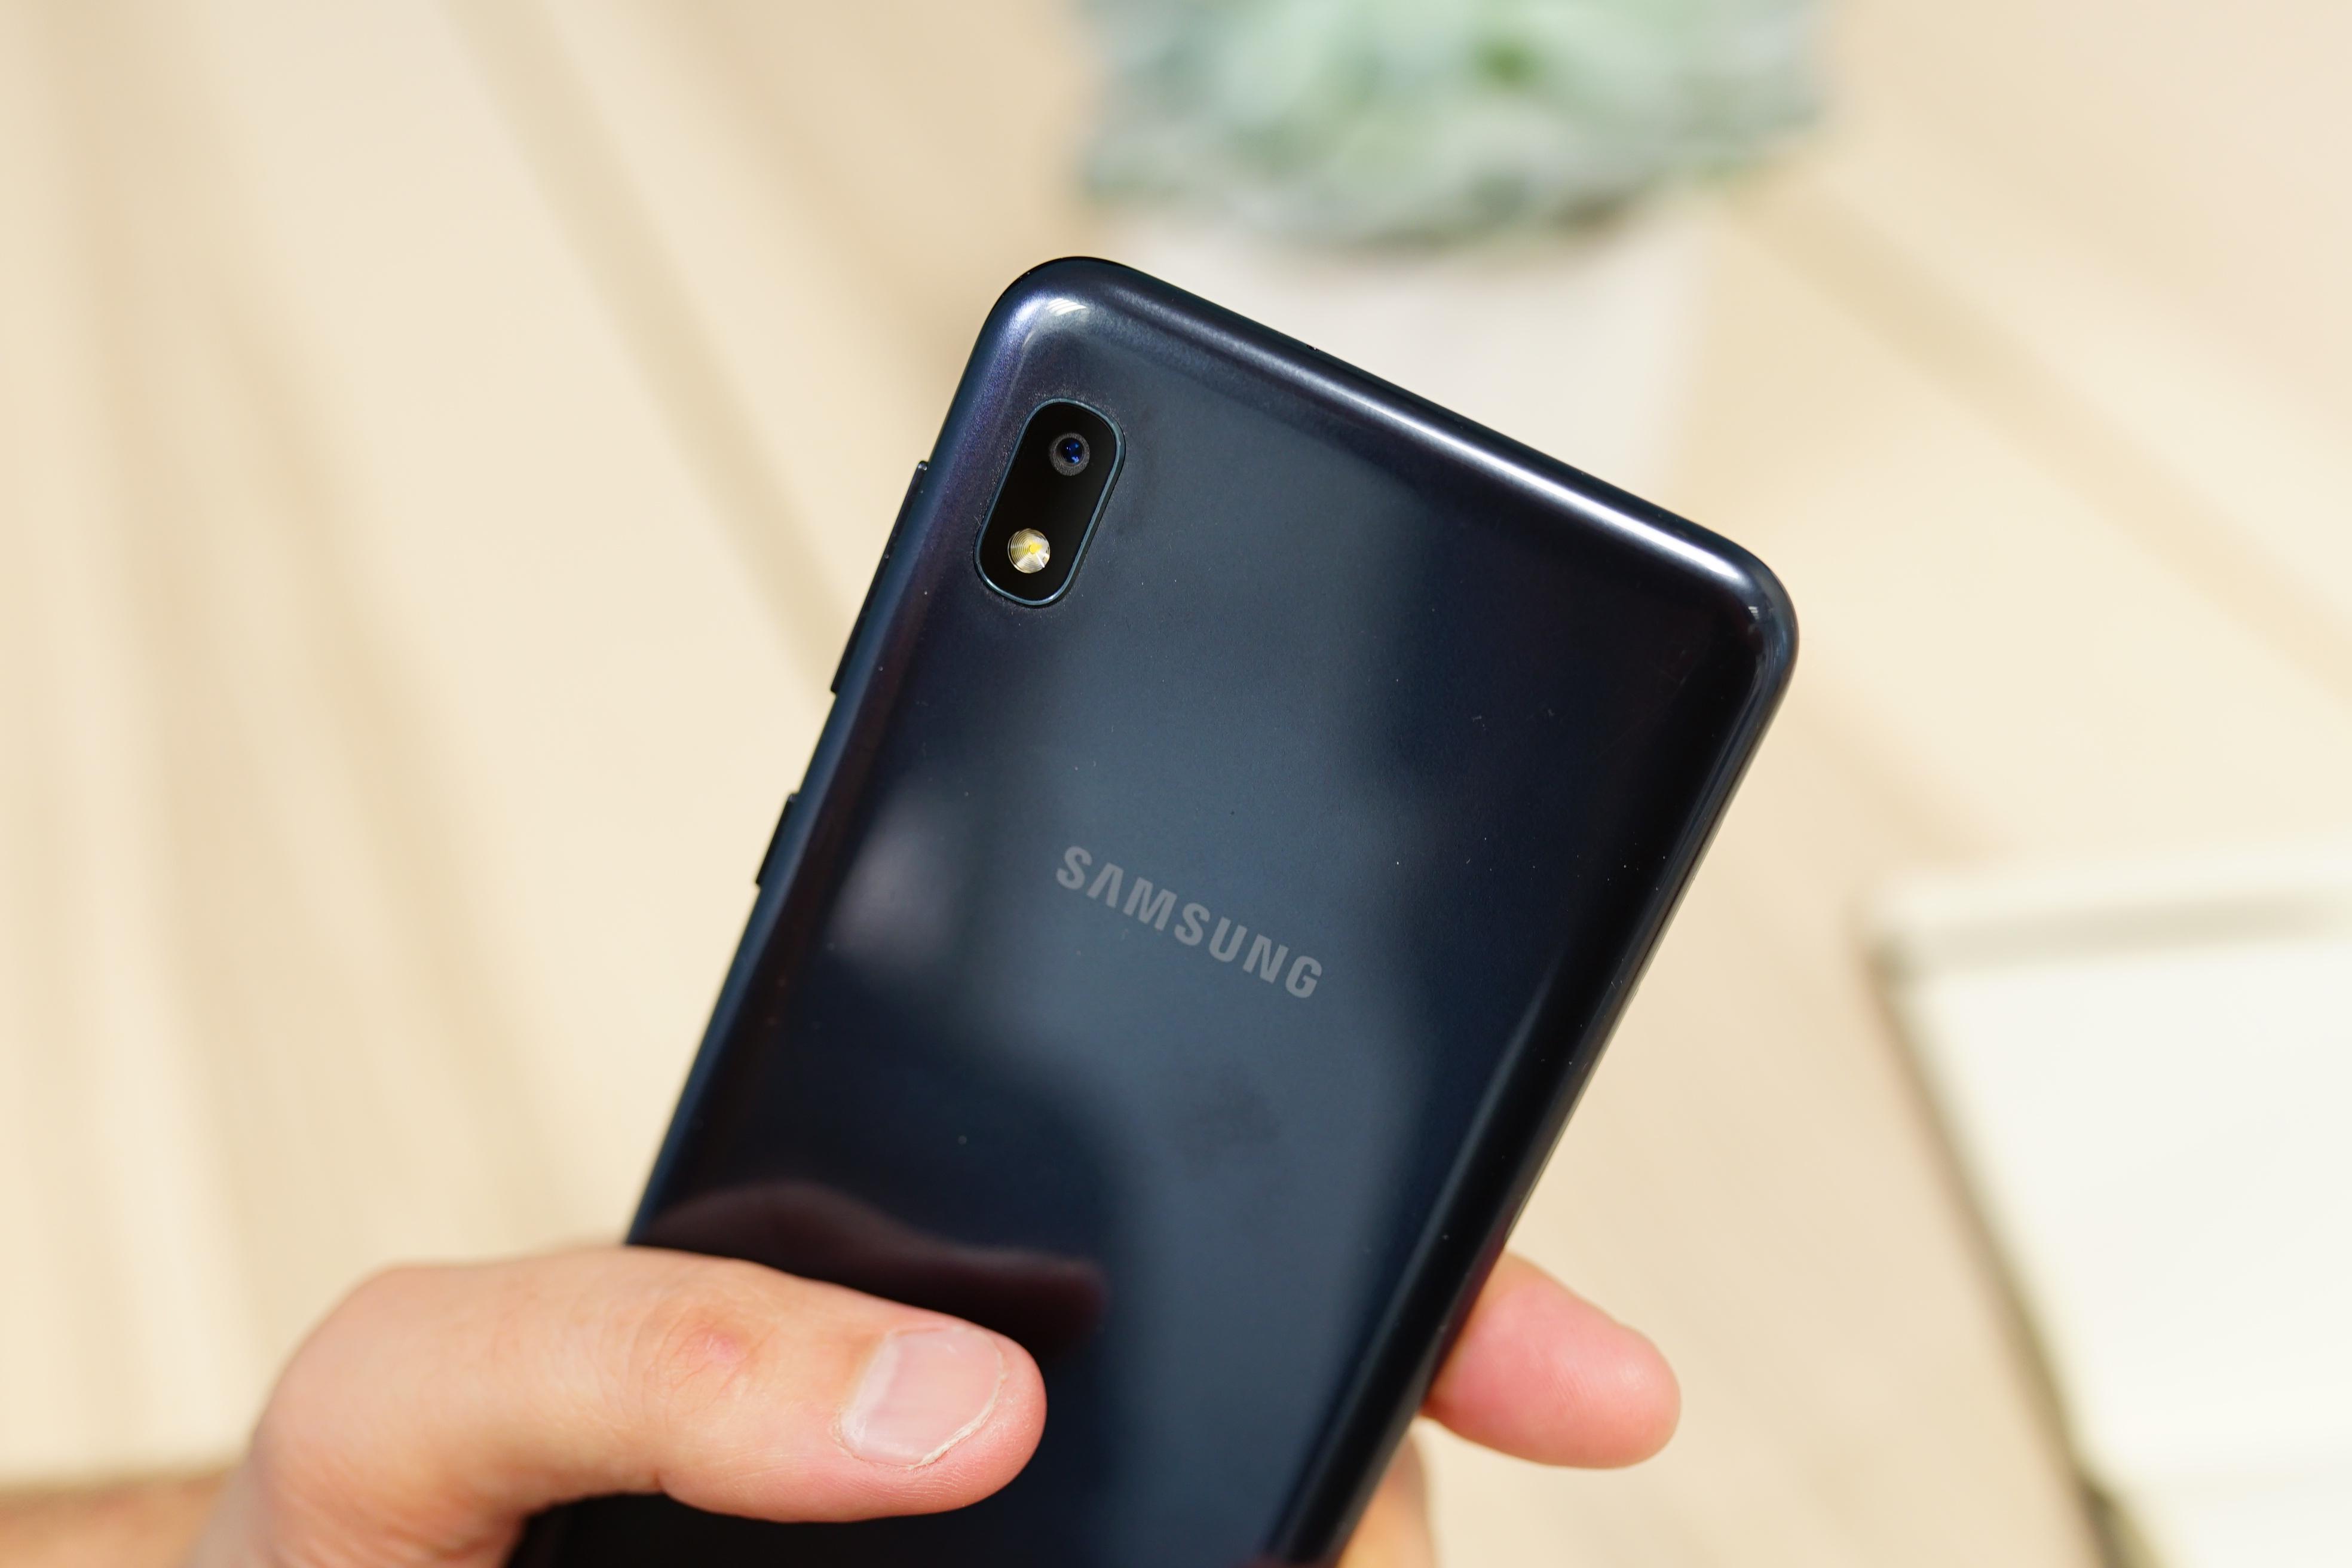 Le Samsung Galaxy A11 tournerait sous One UI 2.0 et Android 10 dès sa sortie